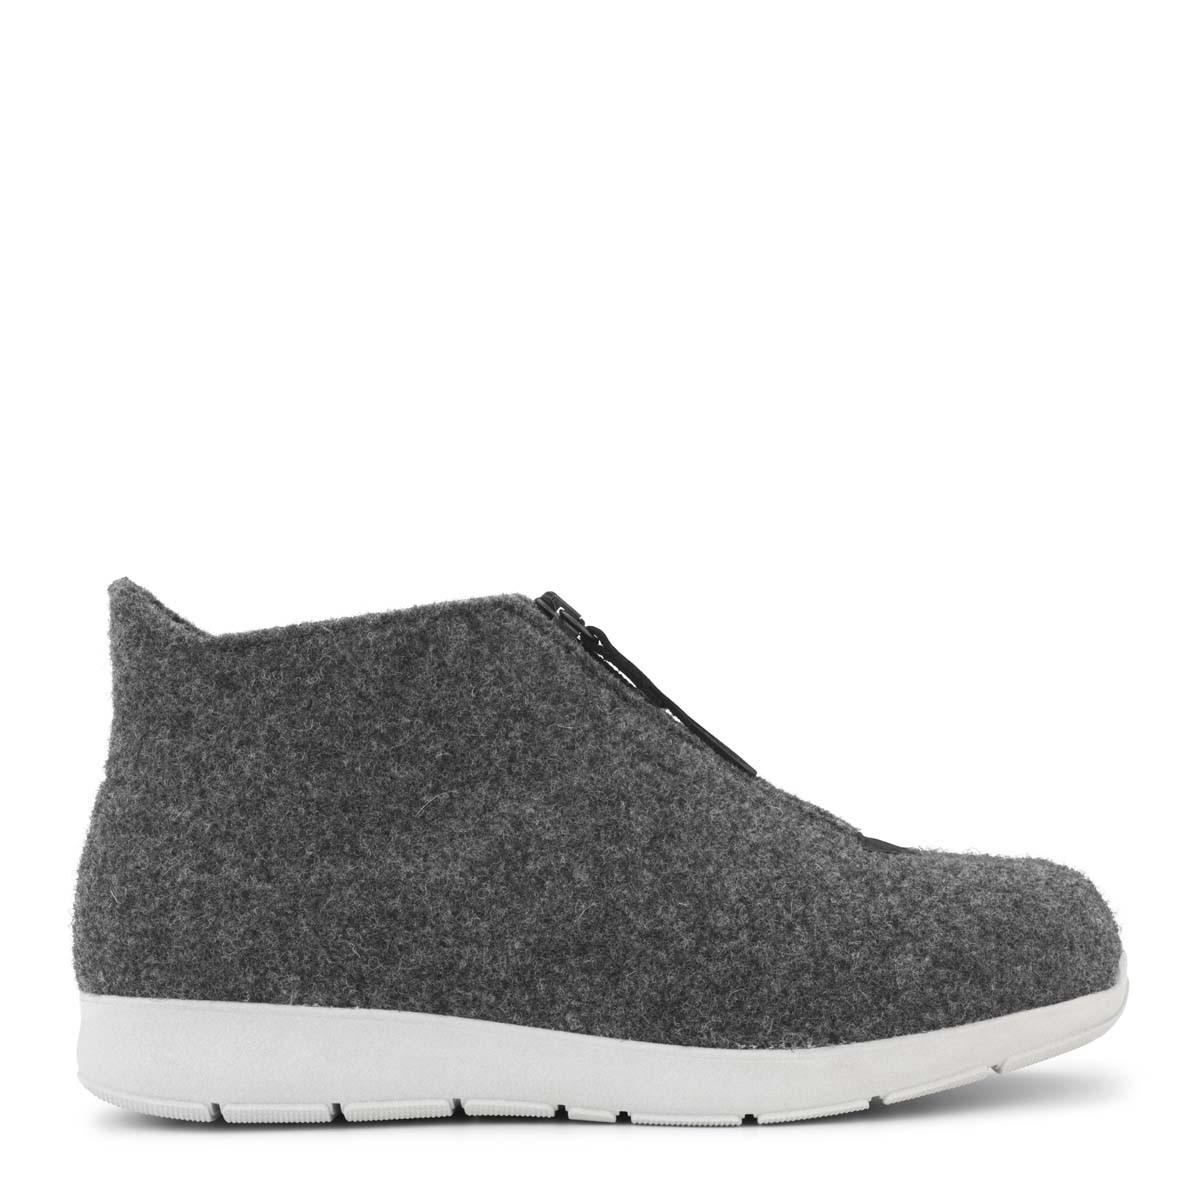 New Feet hjemmesko i uld med kort skaft (antrasith-grå) fra